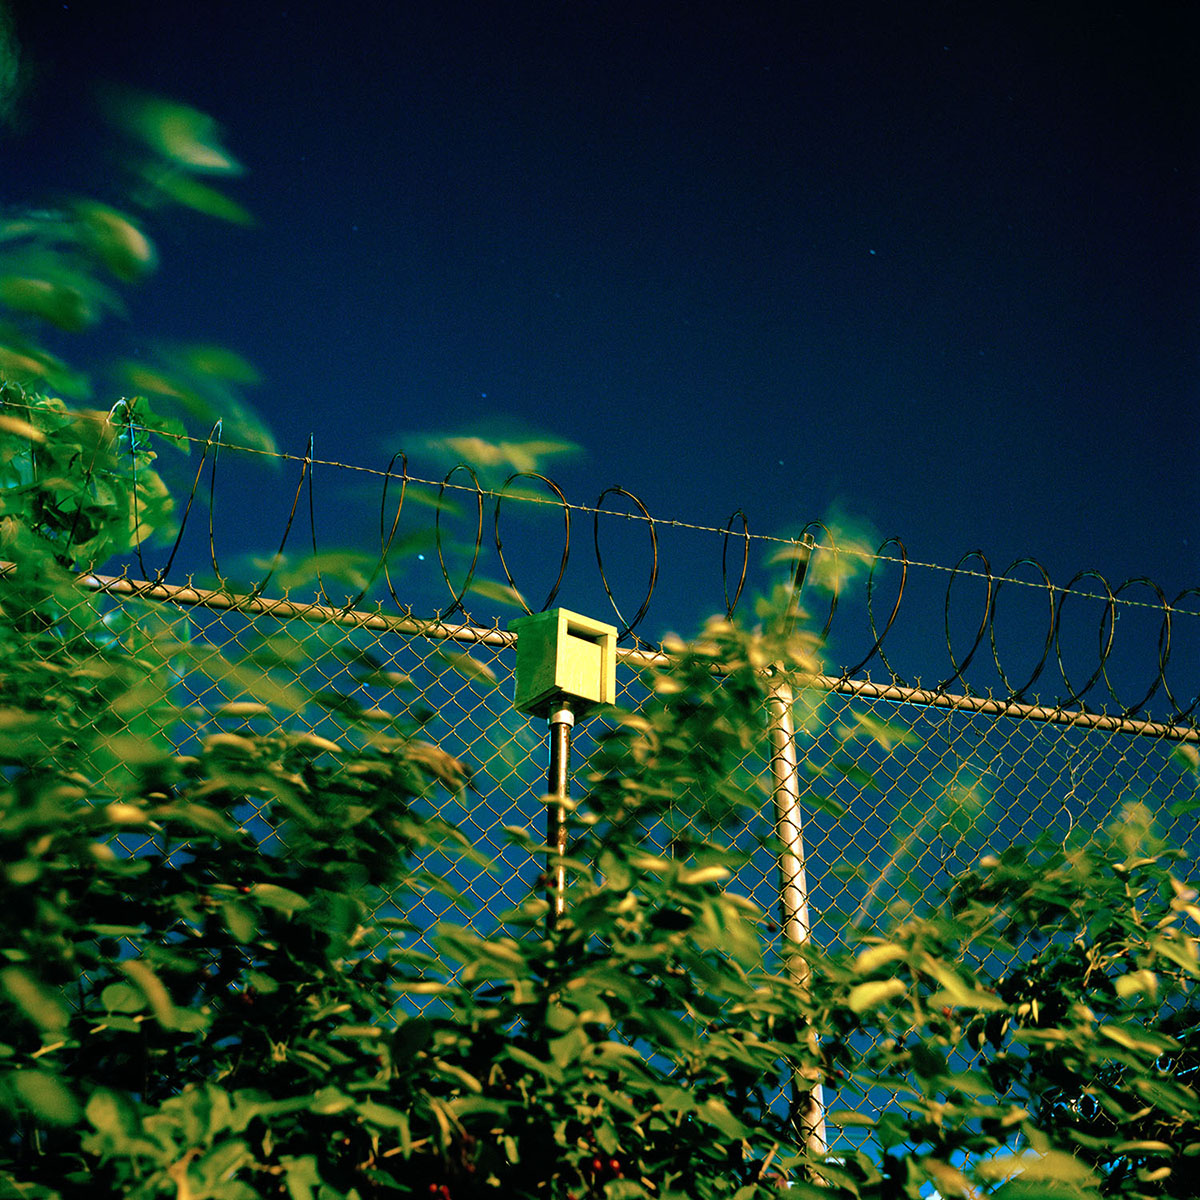 09-Draskoczy-BirdHouse.jpg